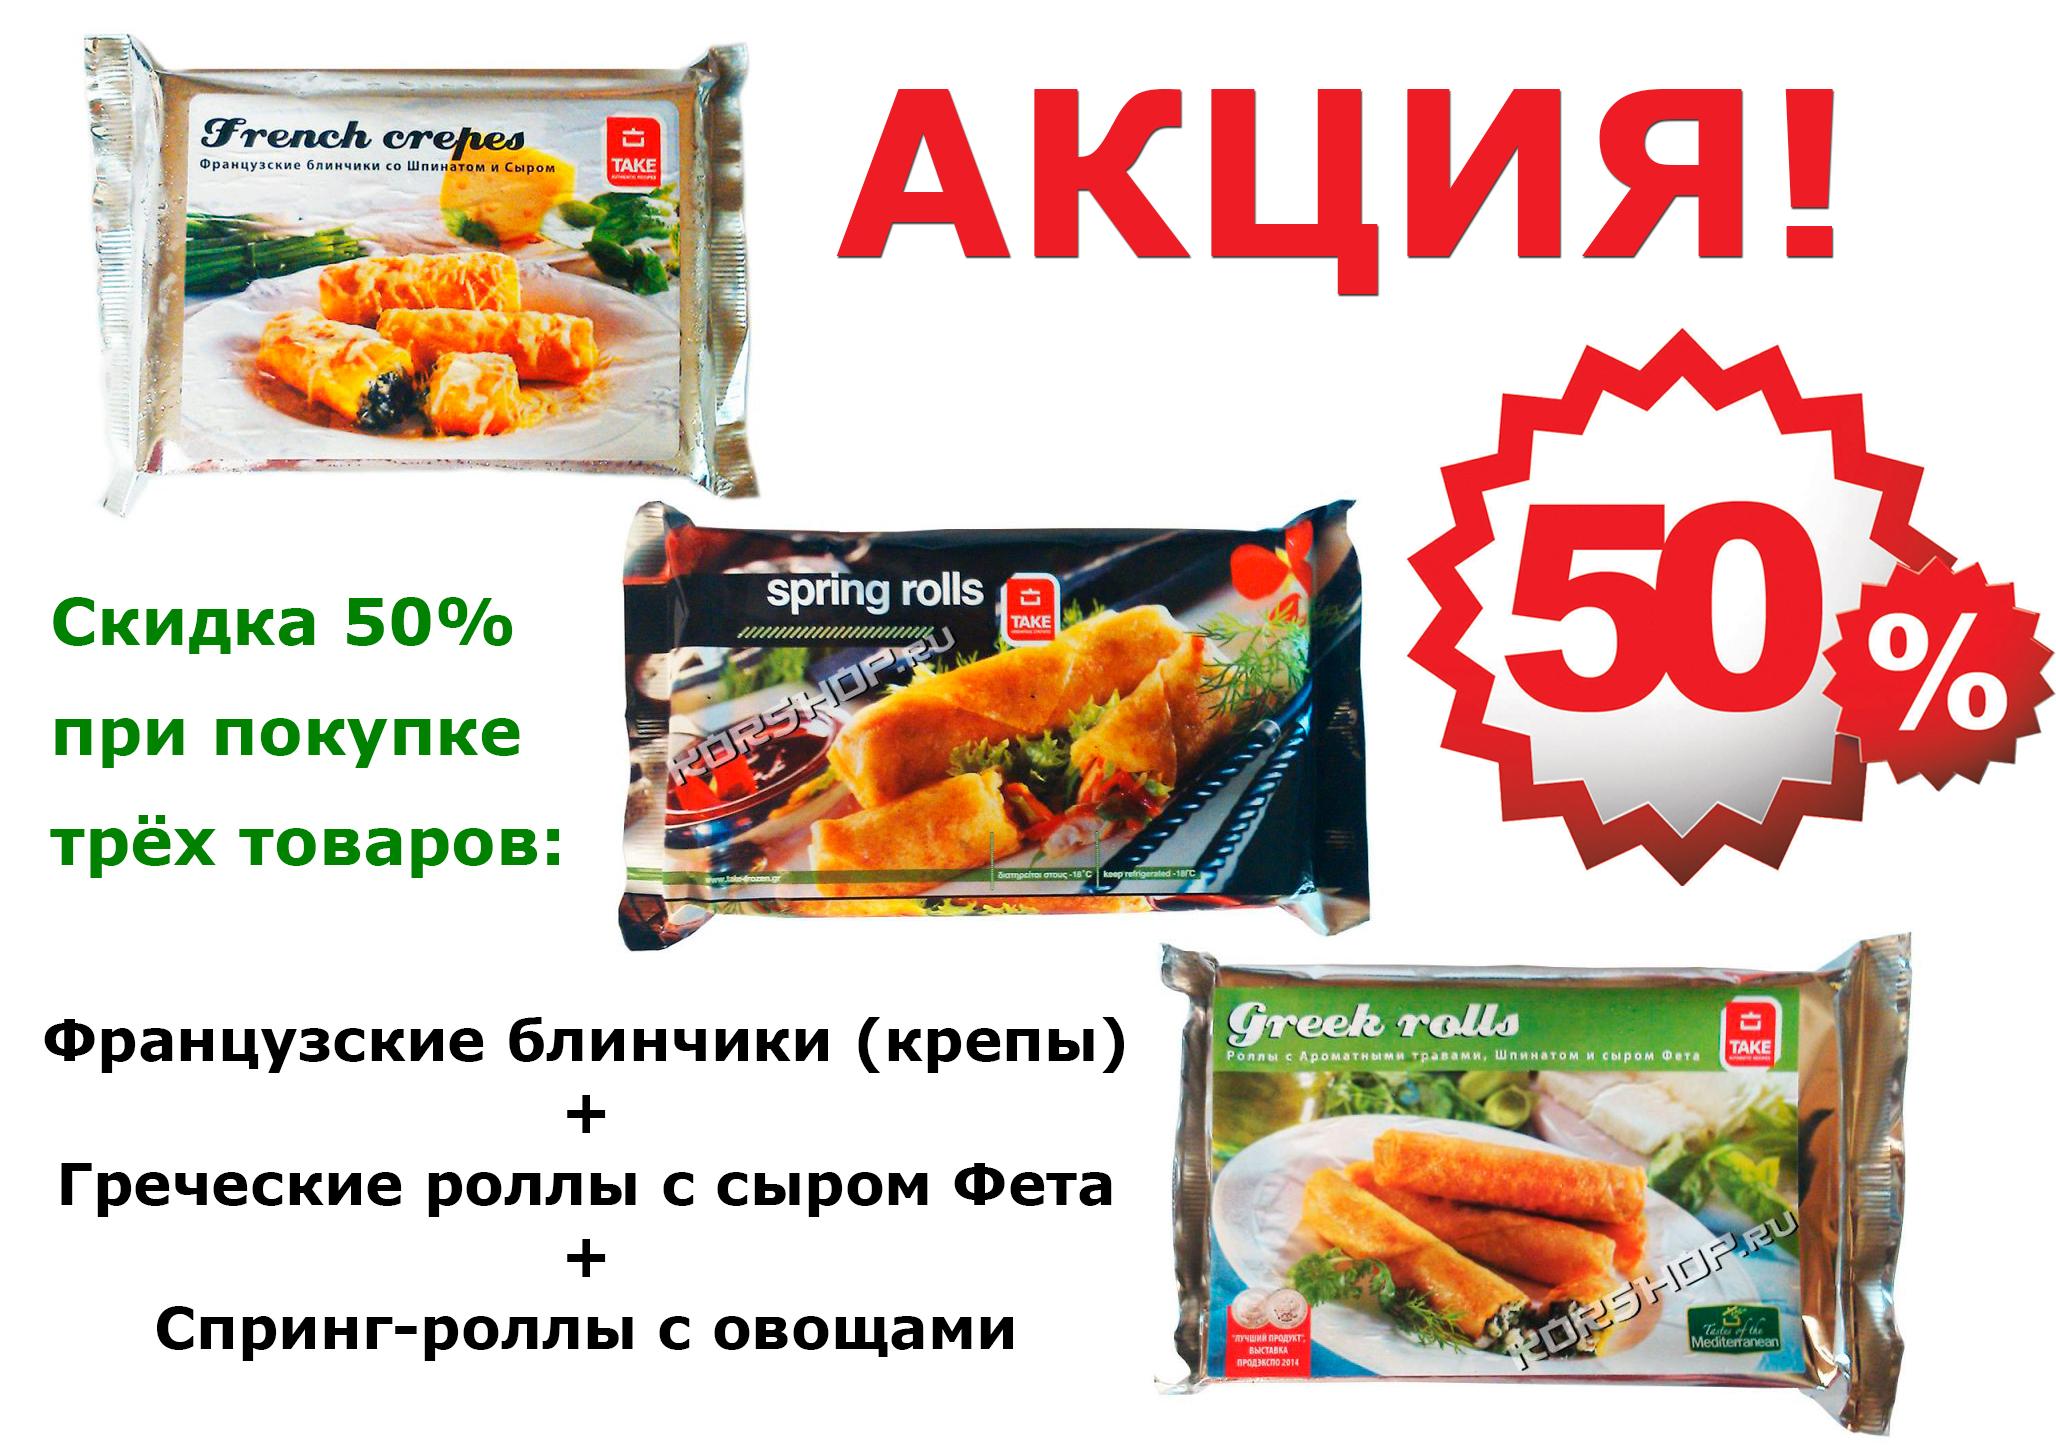 Акция! Греческие роллы, спринг-роллы с овощами и французские блинчики TAKE со скидкой 50%.